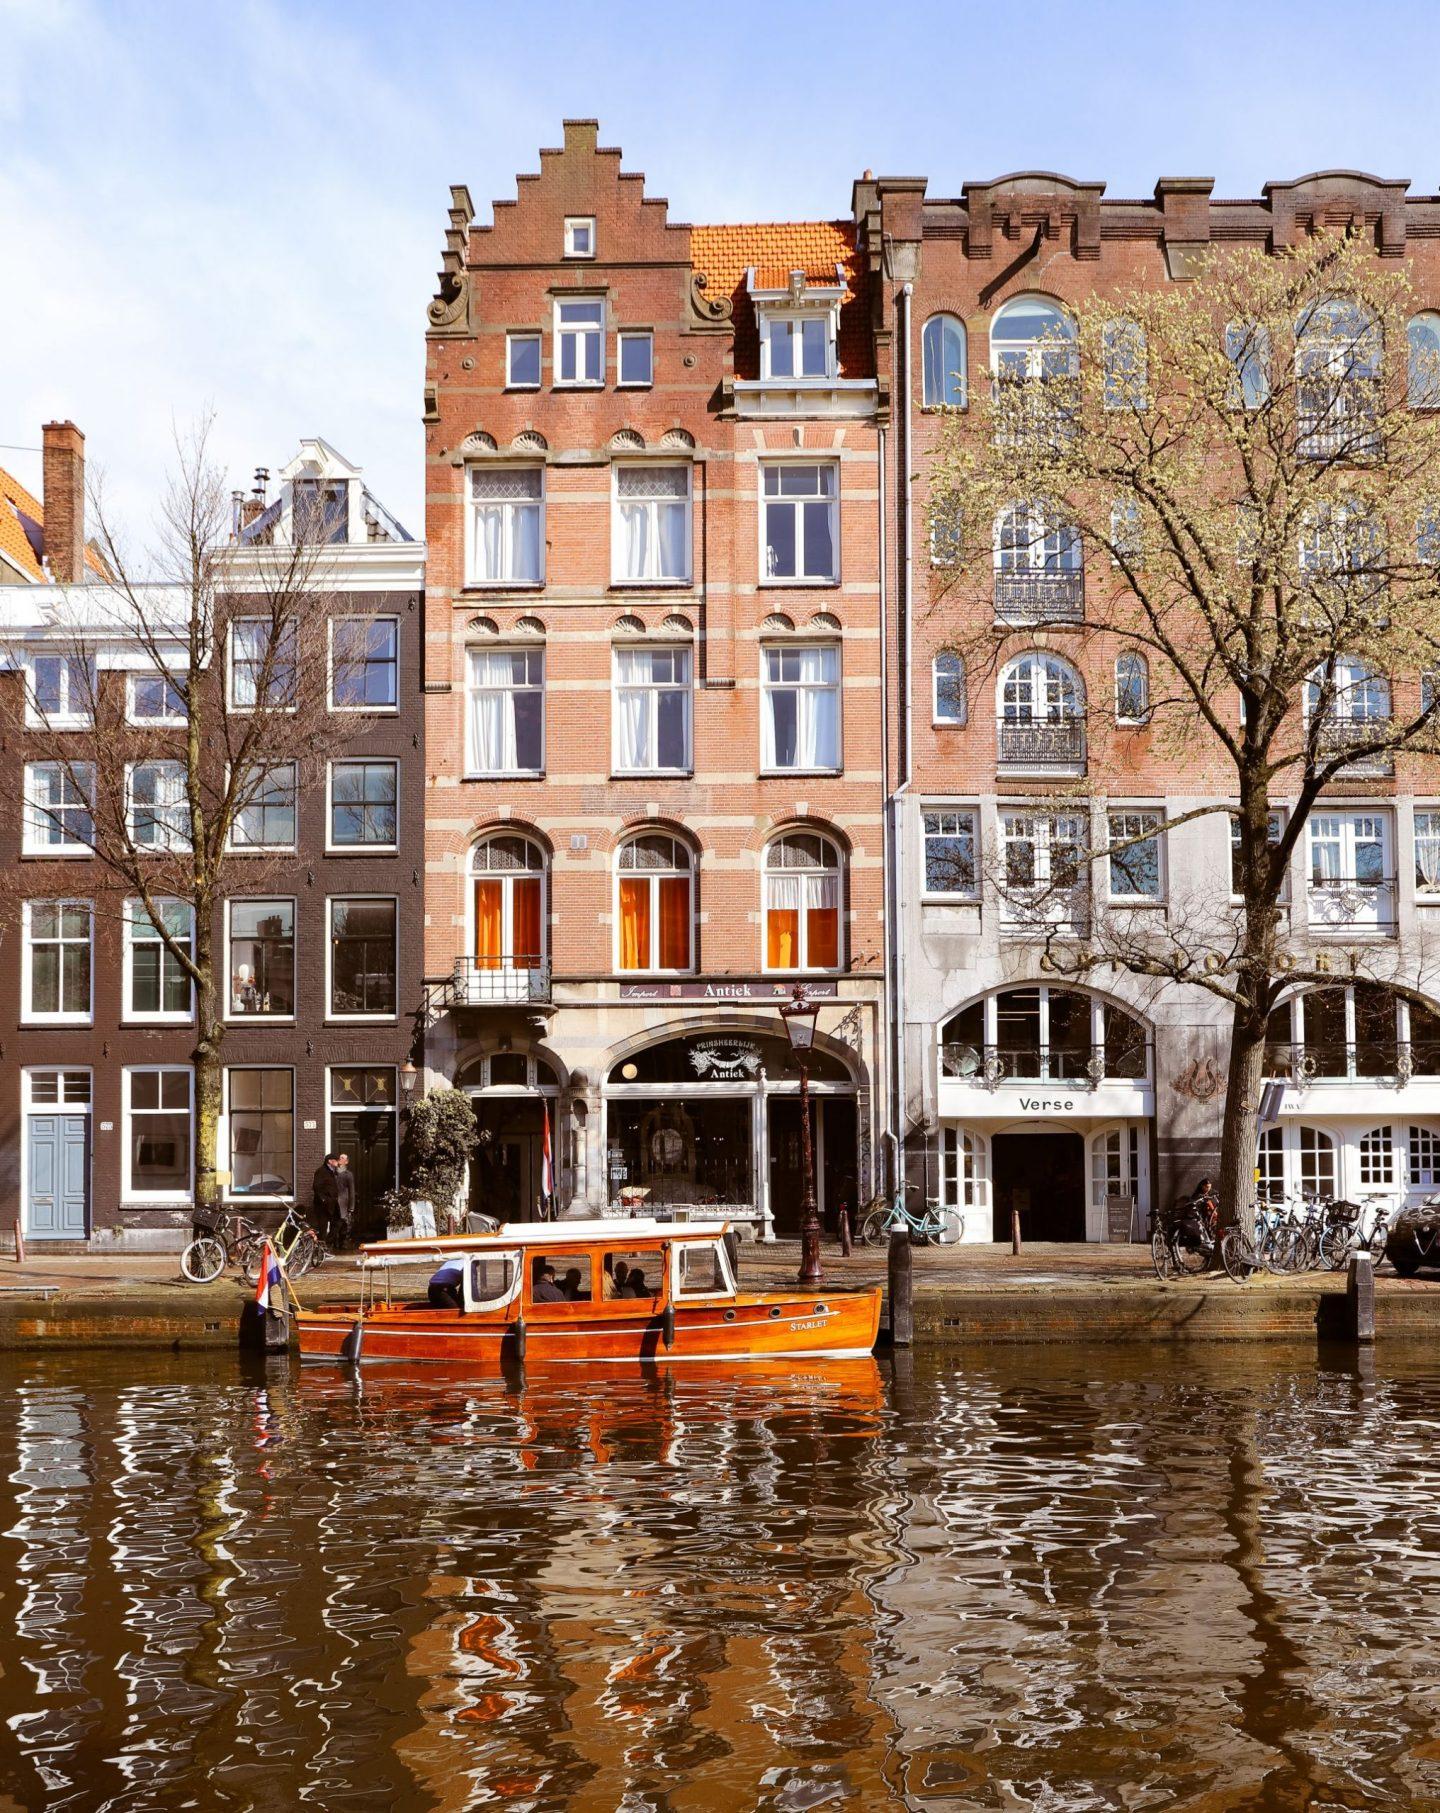 My Solo Amsterdam Adventure